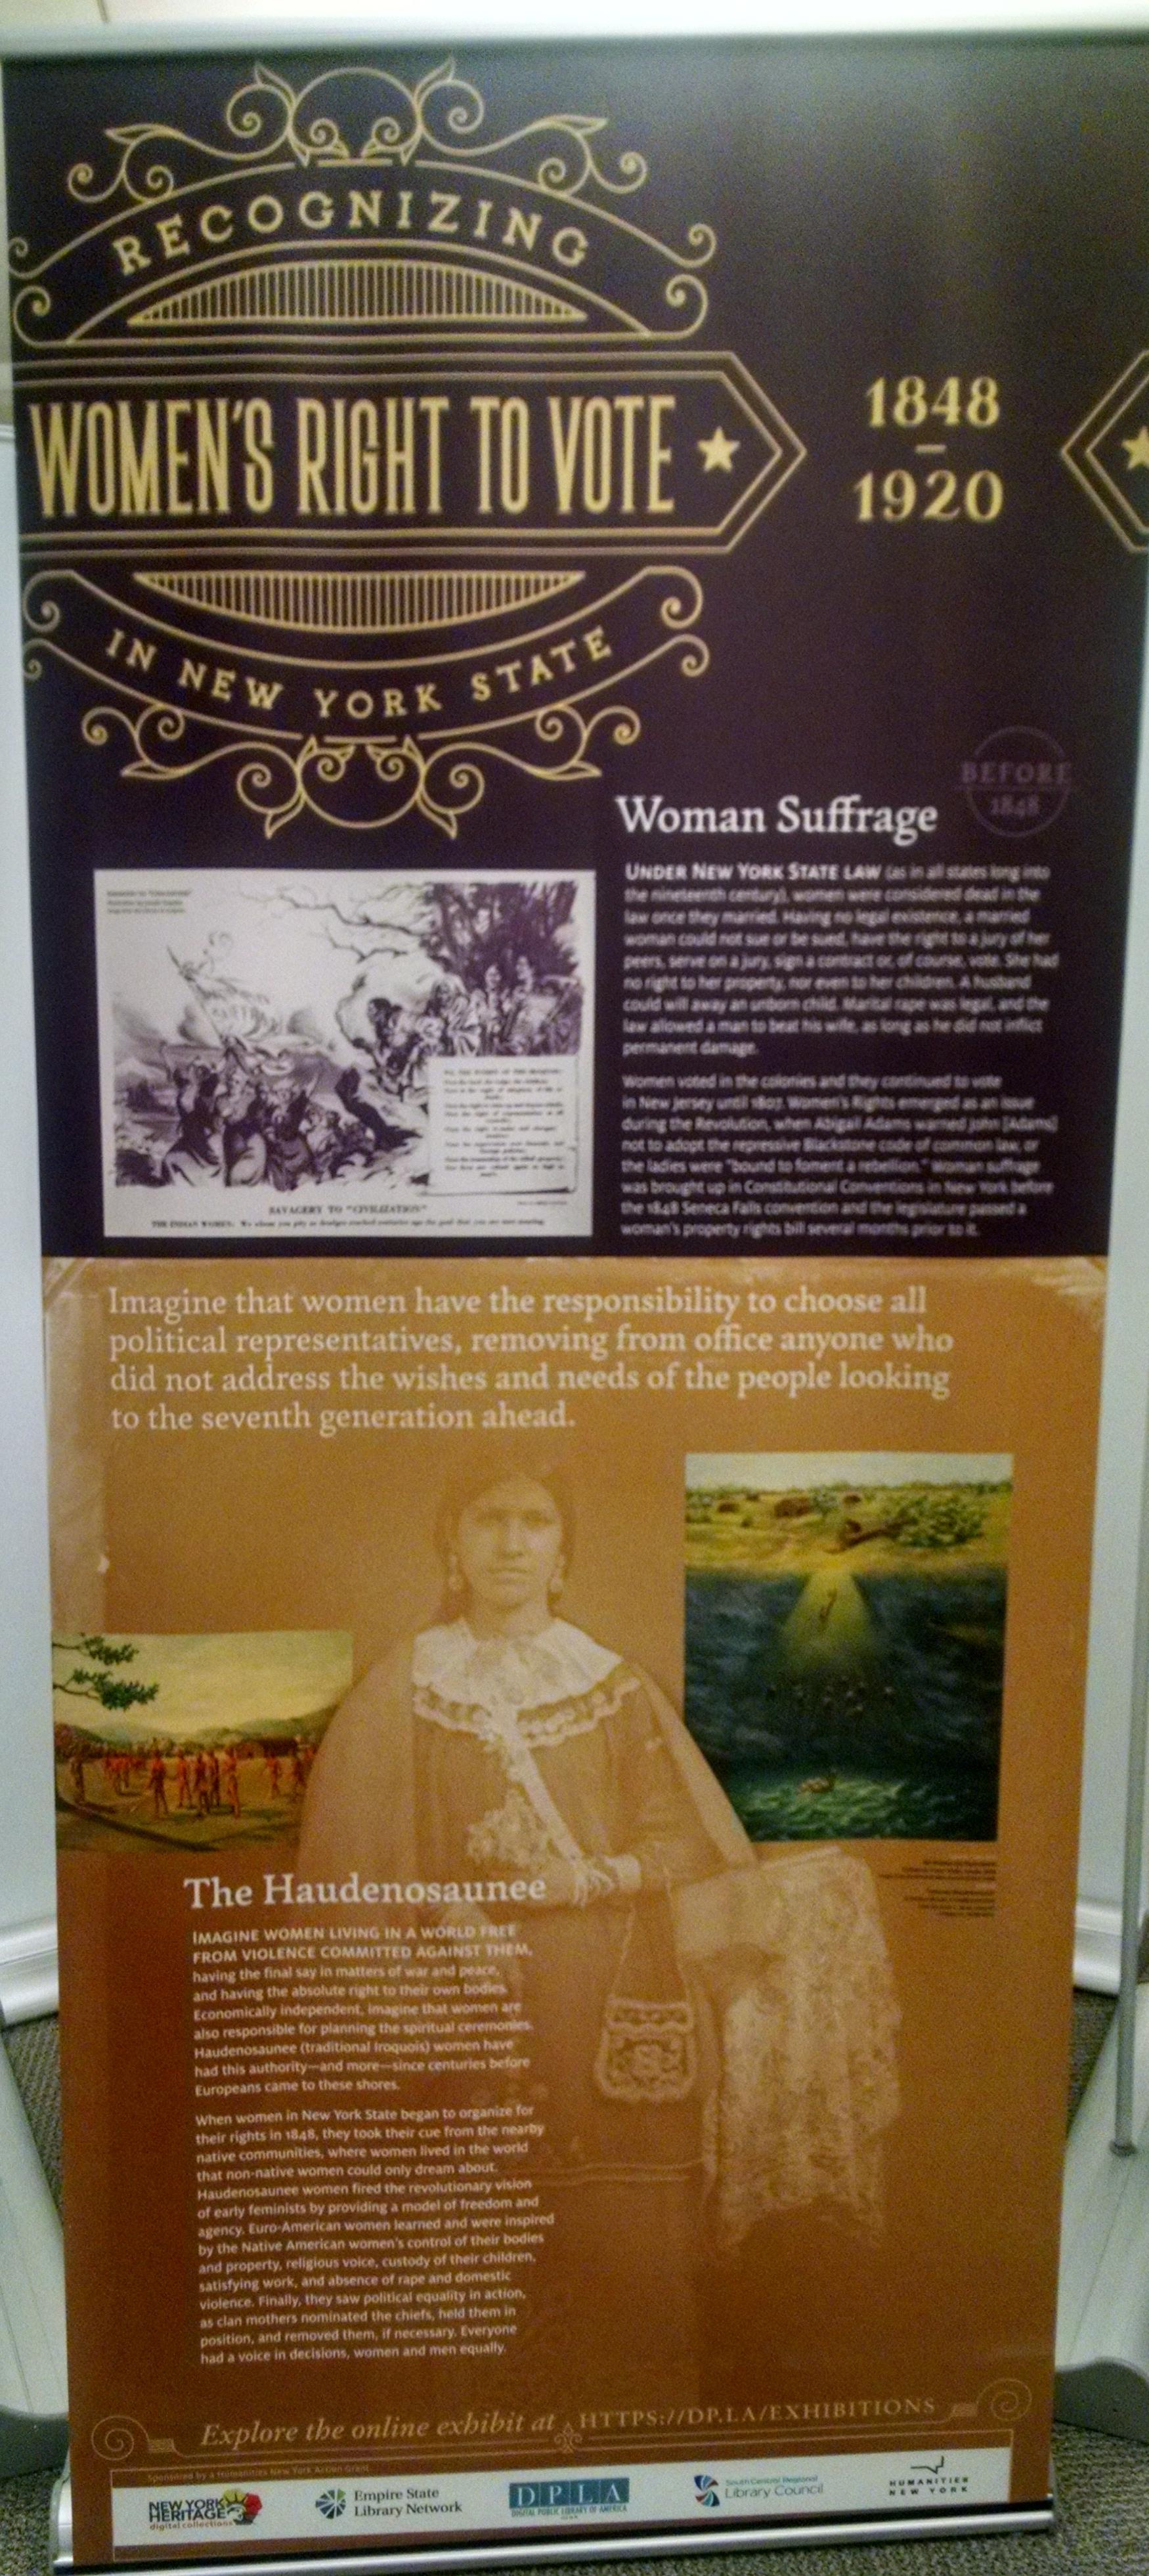 woman-suffrage-exhibit.jpg